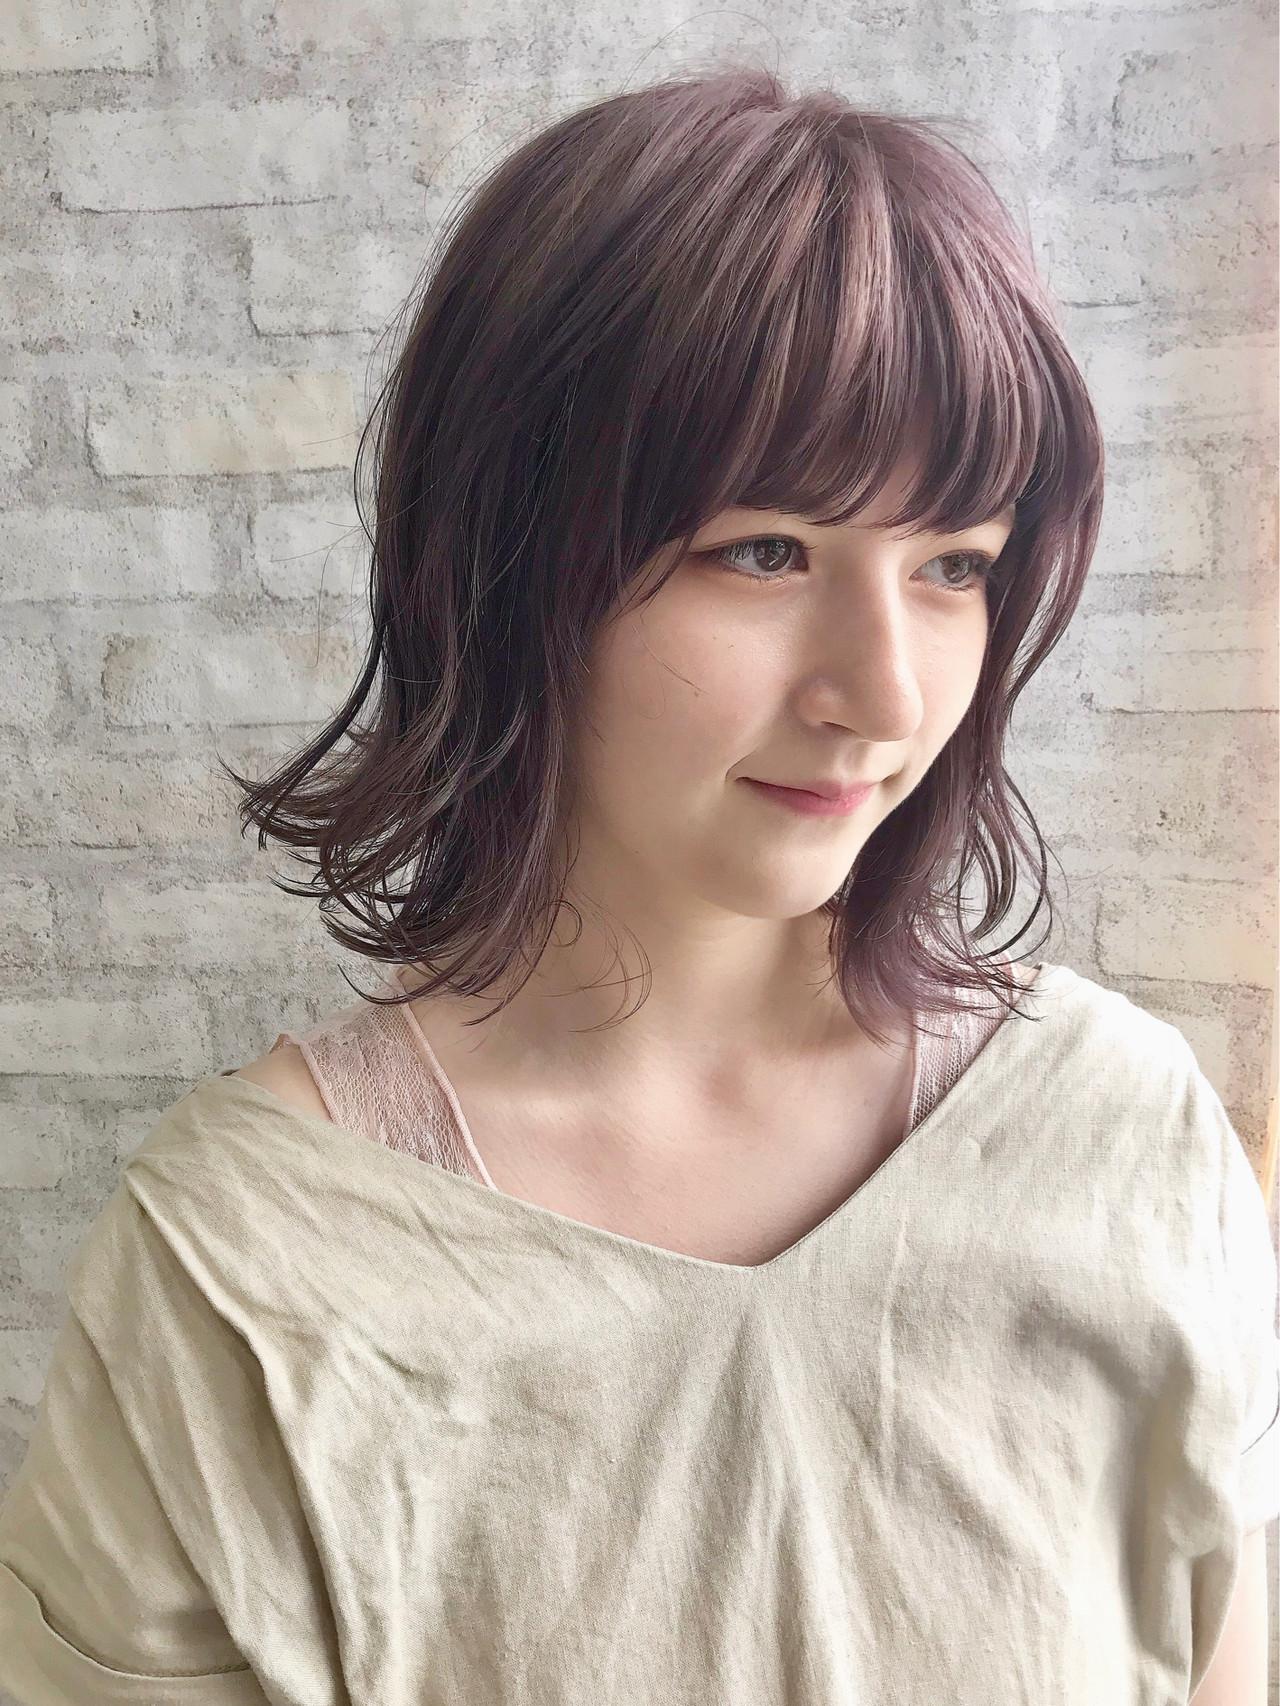 ナチュラル ラベンダーアッシュ ラベンダーピンク ラベンダーグレージュ ヘアスタイルや髪型の写真・画像